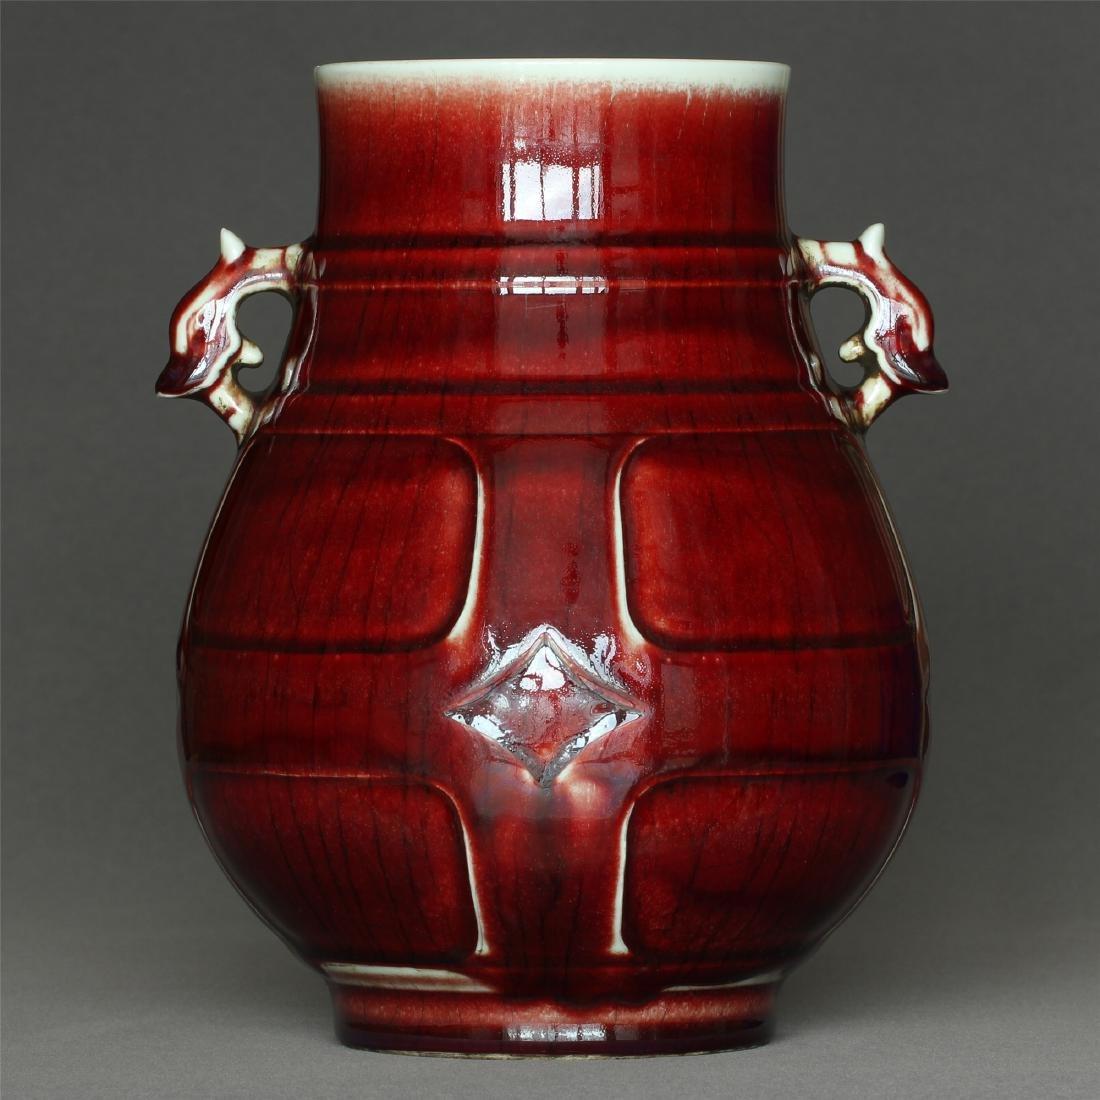 Red glaze porcelain vase of Qing Dynasty QianLong mark.